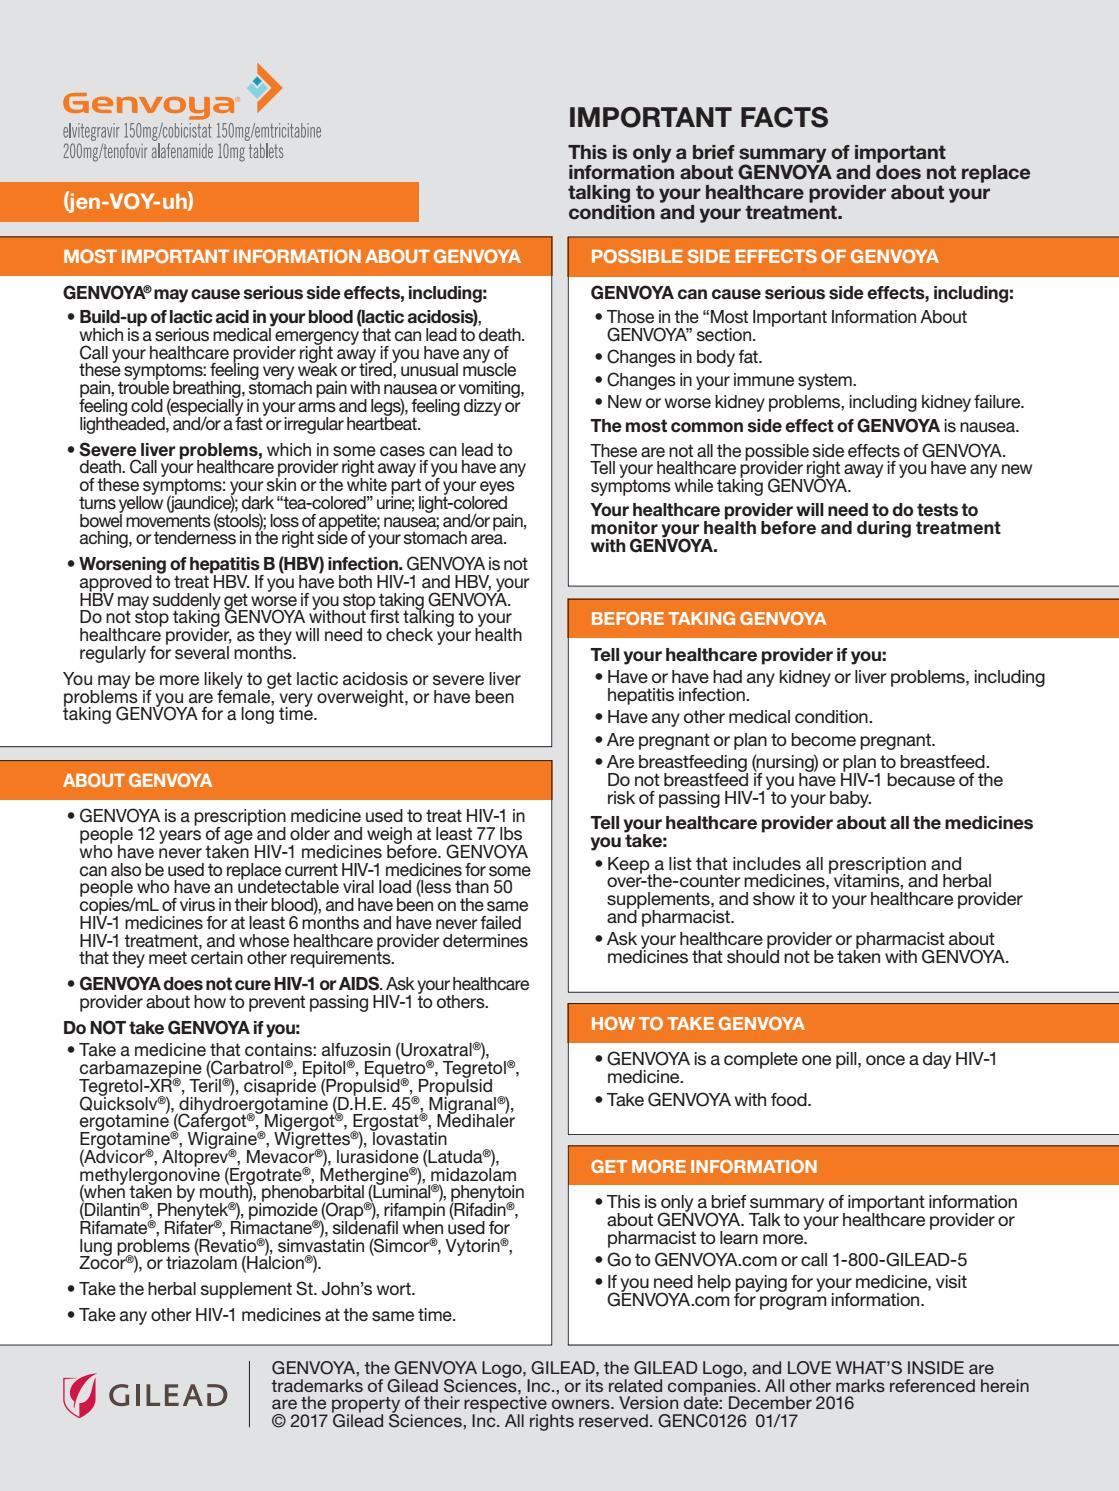 hydrochlorothiazide 12.5 cost 2014